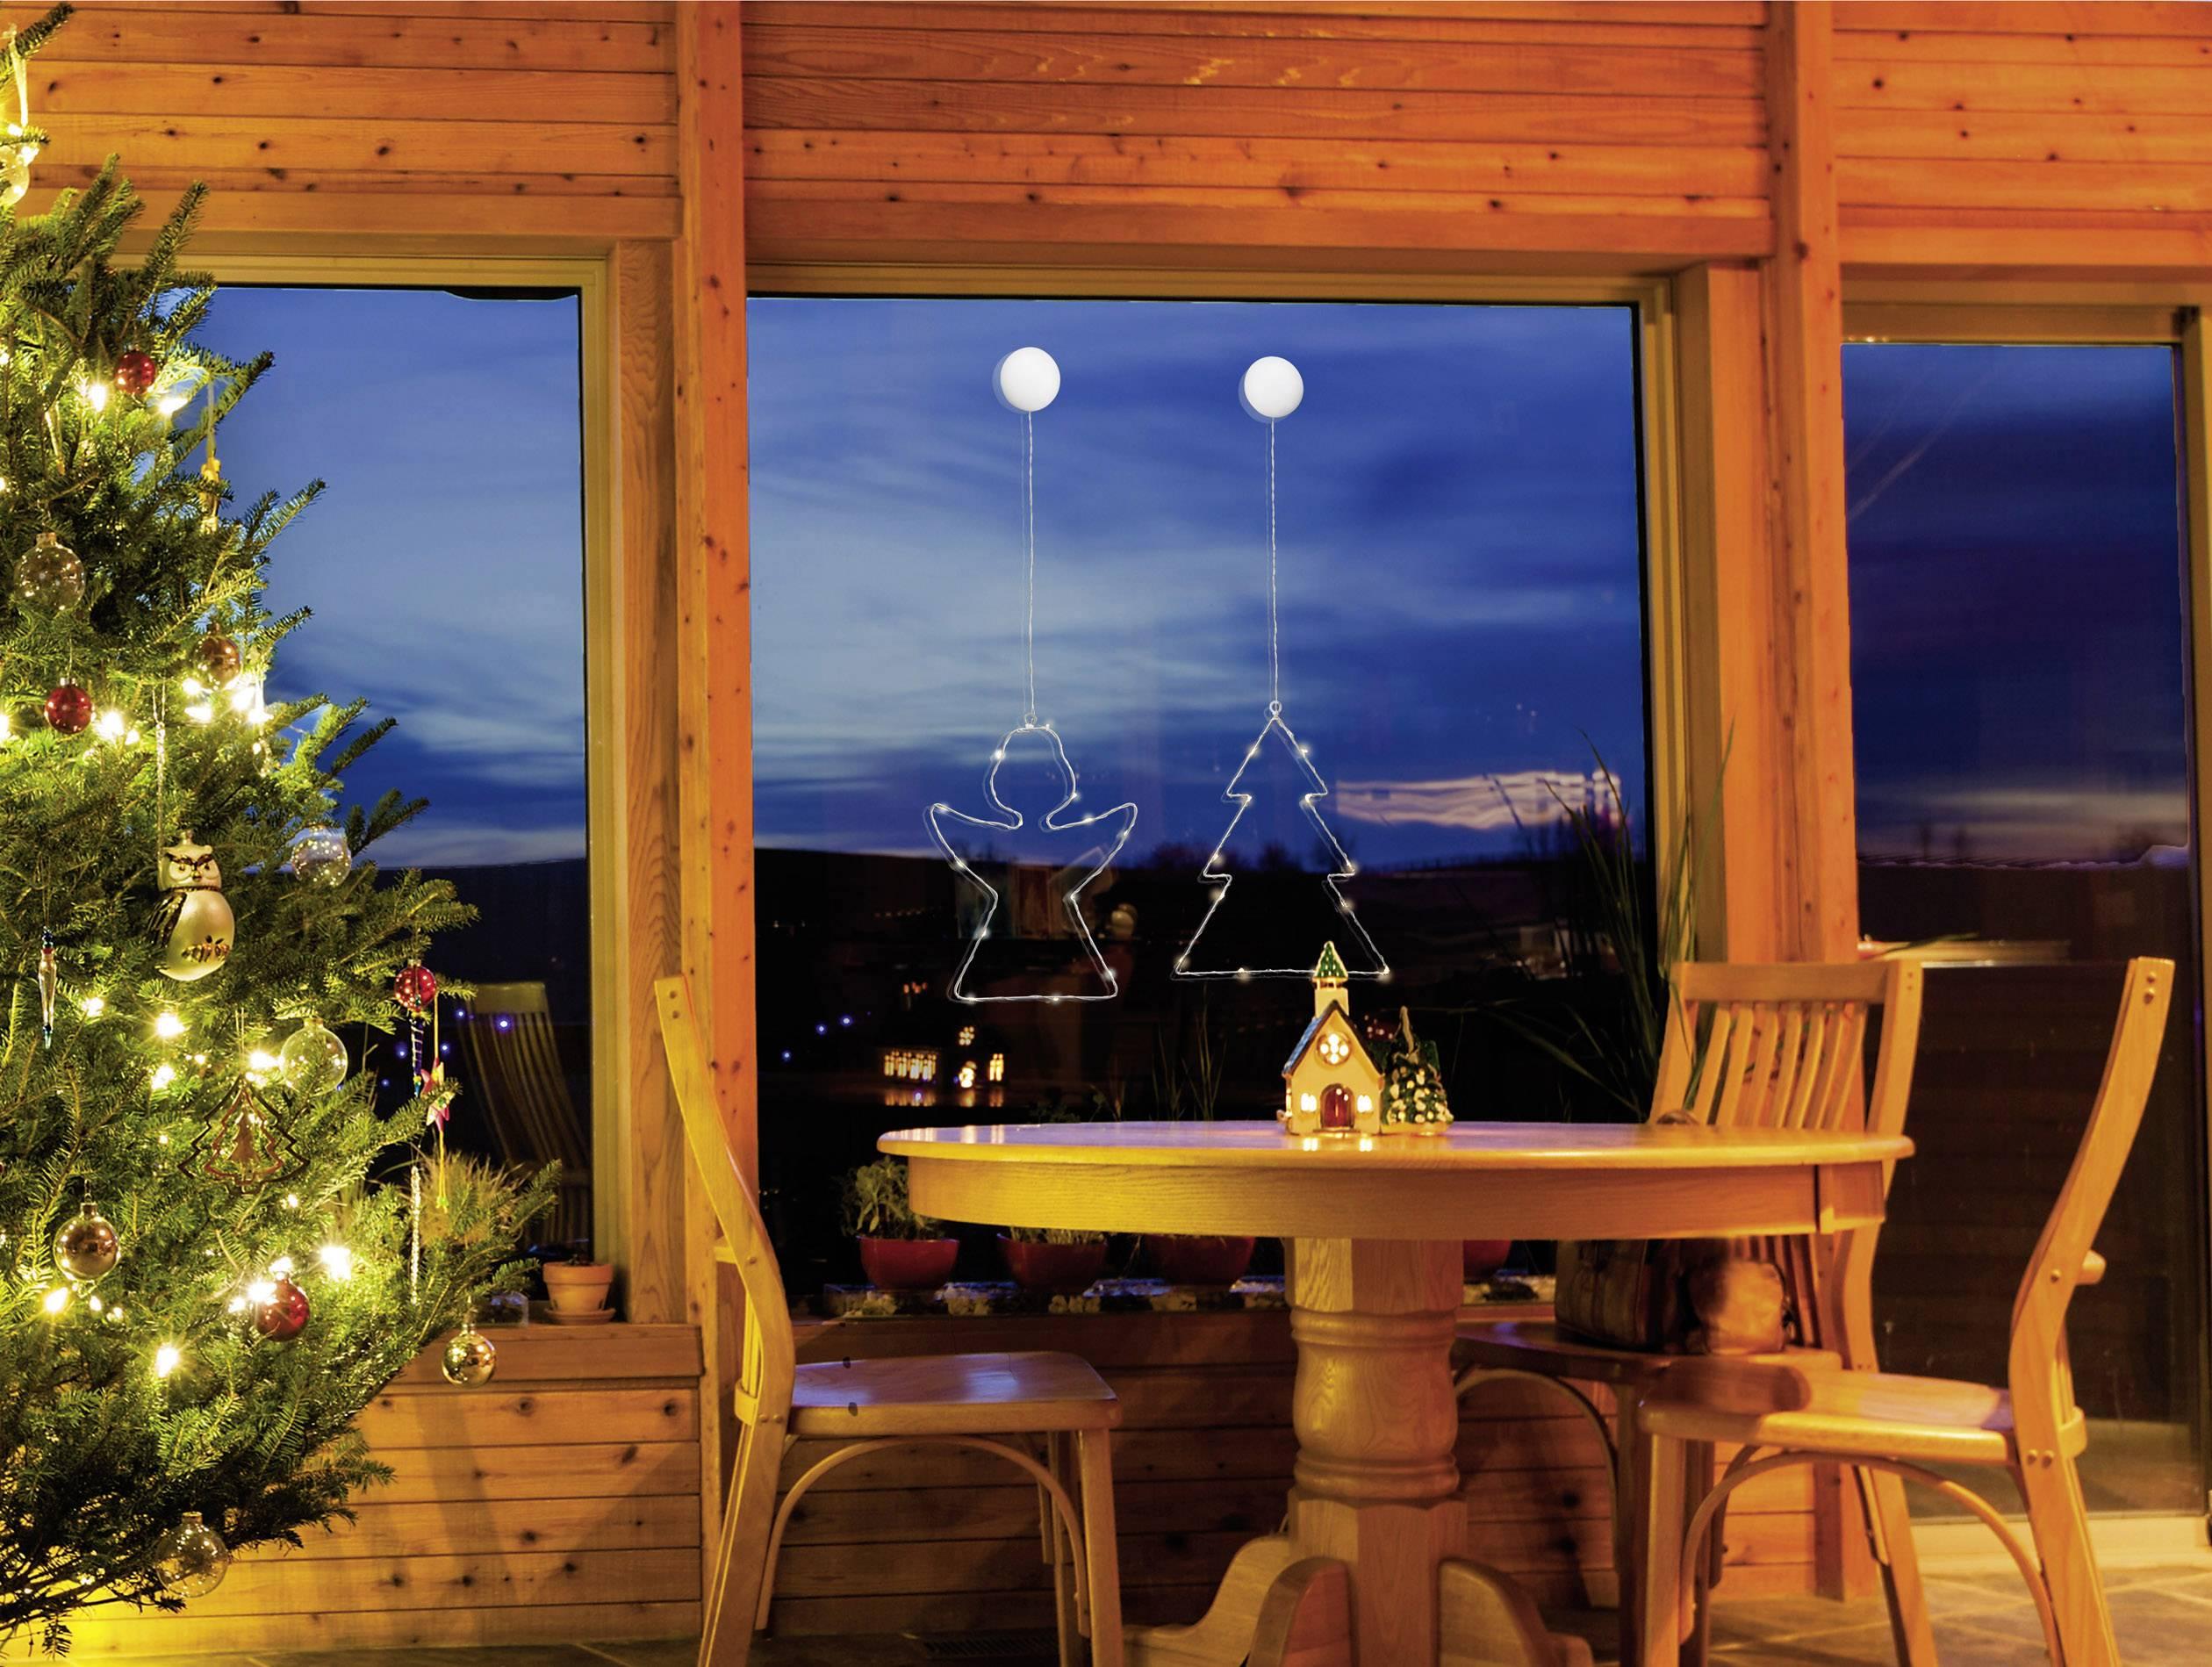 Vianočné LED osvetlenie do okna Polarlite LBA-50-015, stromček